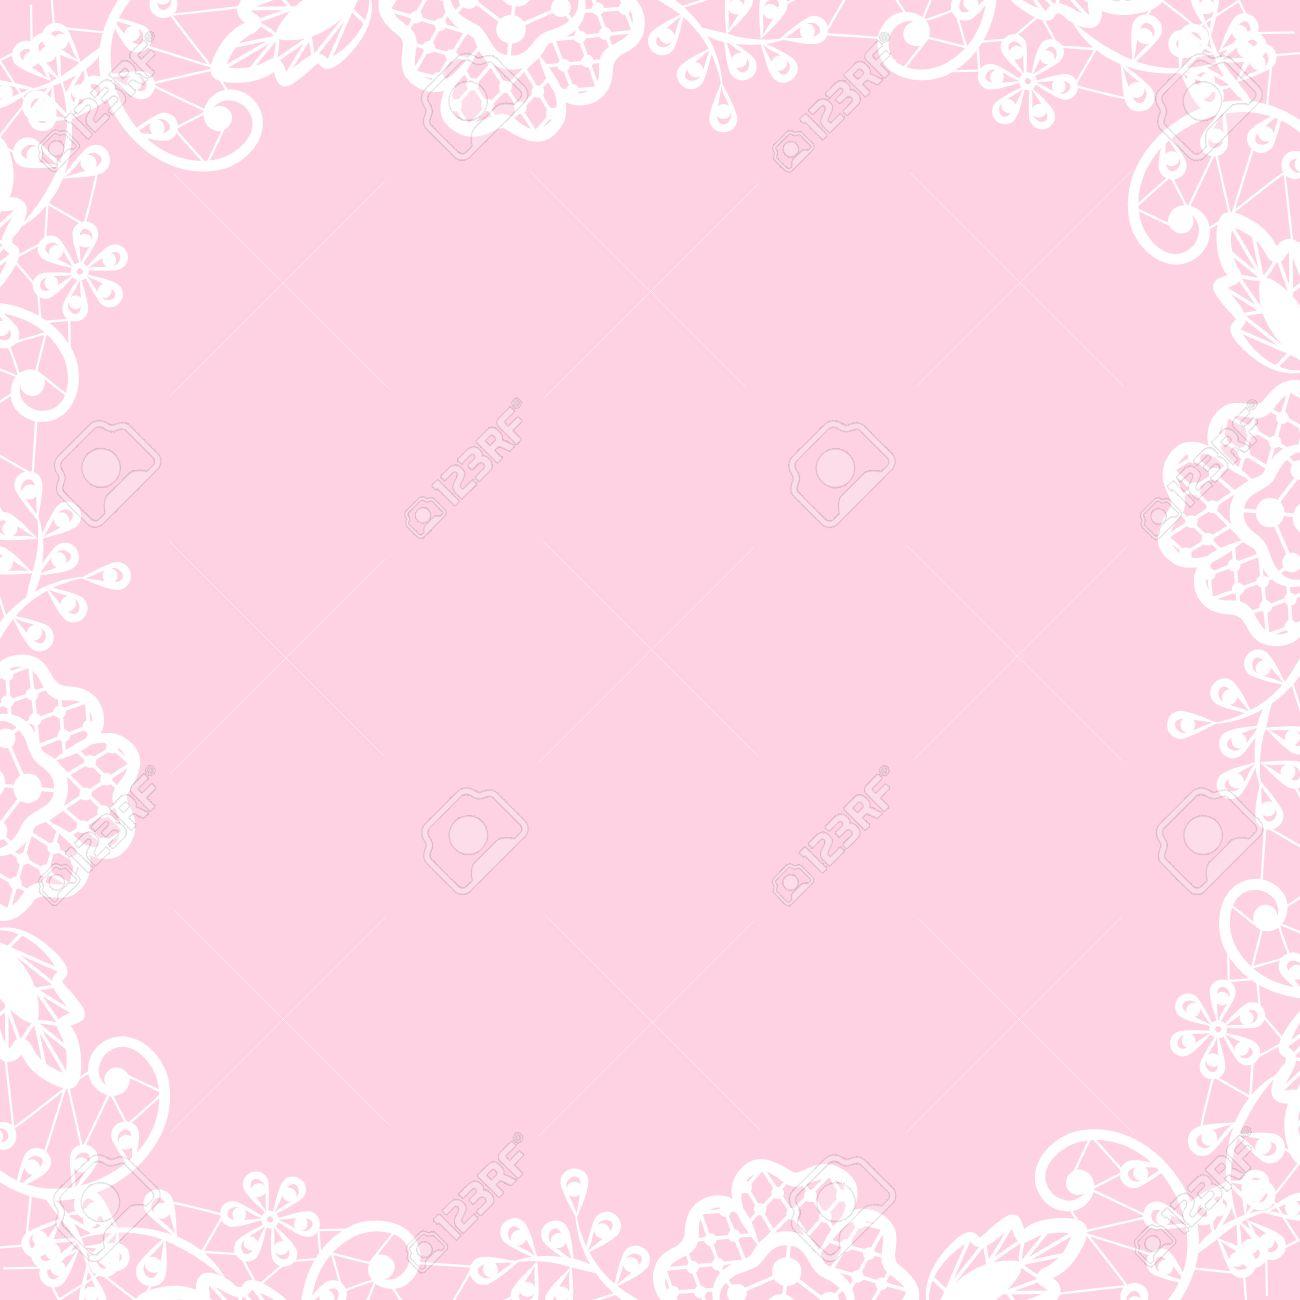 Standard Bild   Vorlage Für Hochzeit, Einladung Oder Grußkarte Mit Weißen  Spitzen Rahmen Auf Rosa Hintergrund